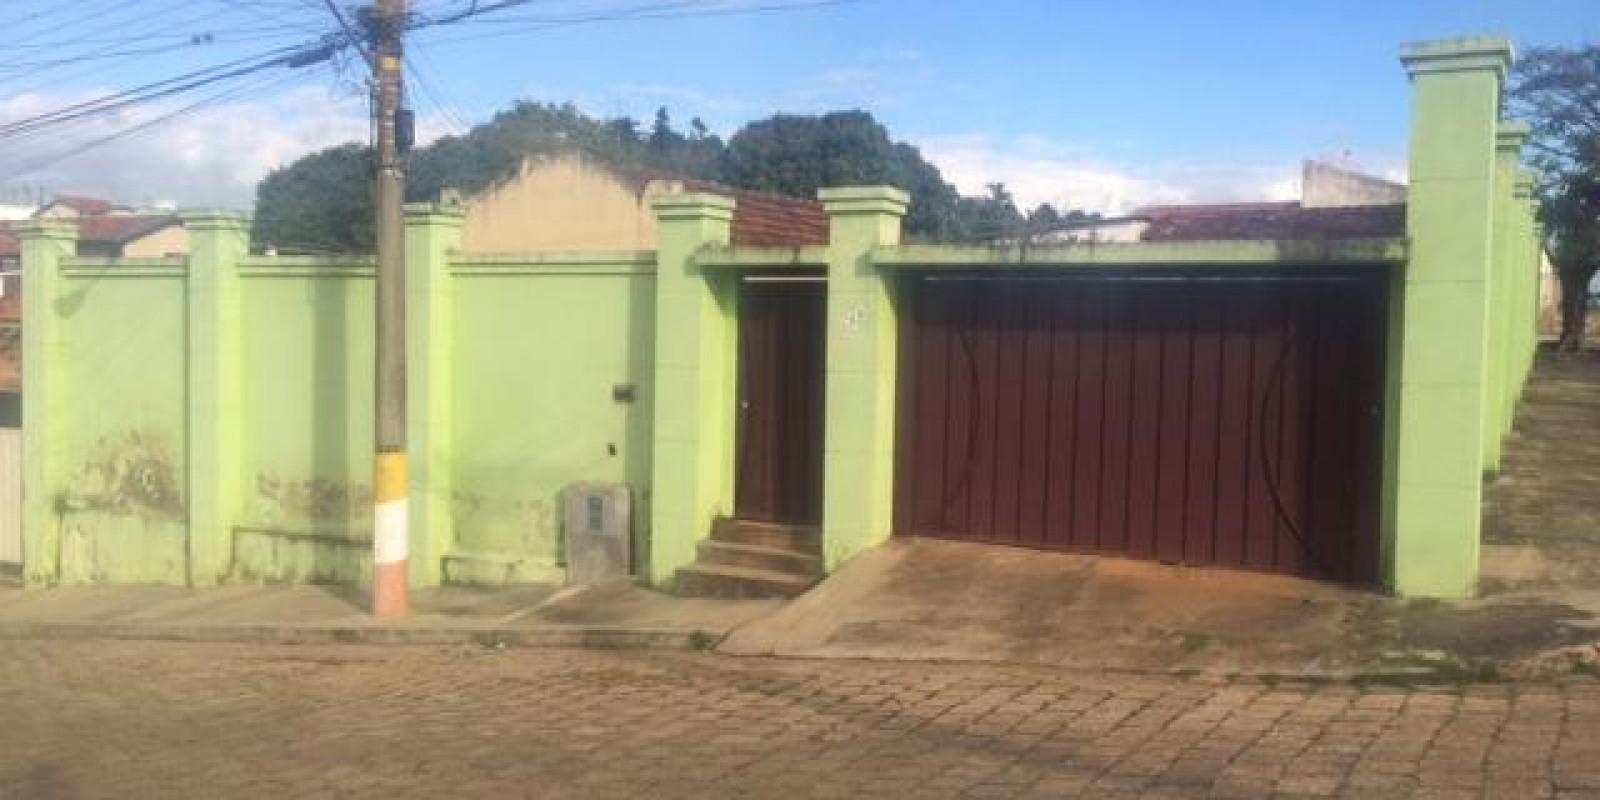 Terreno no Bairro Pinheiro Machado em Avaré SP - Foto 4 de 4